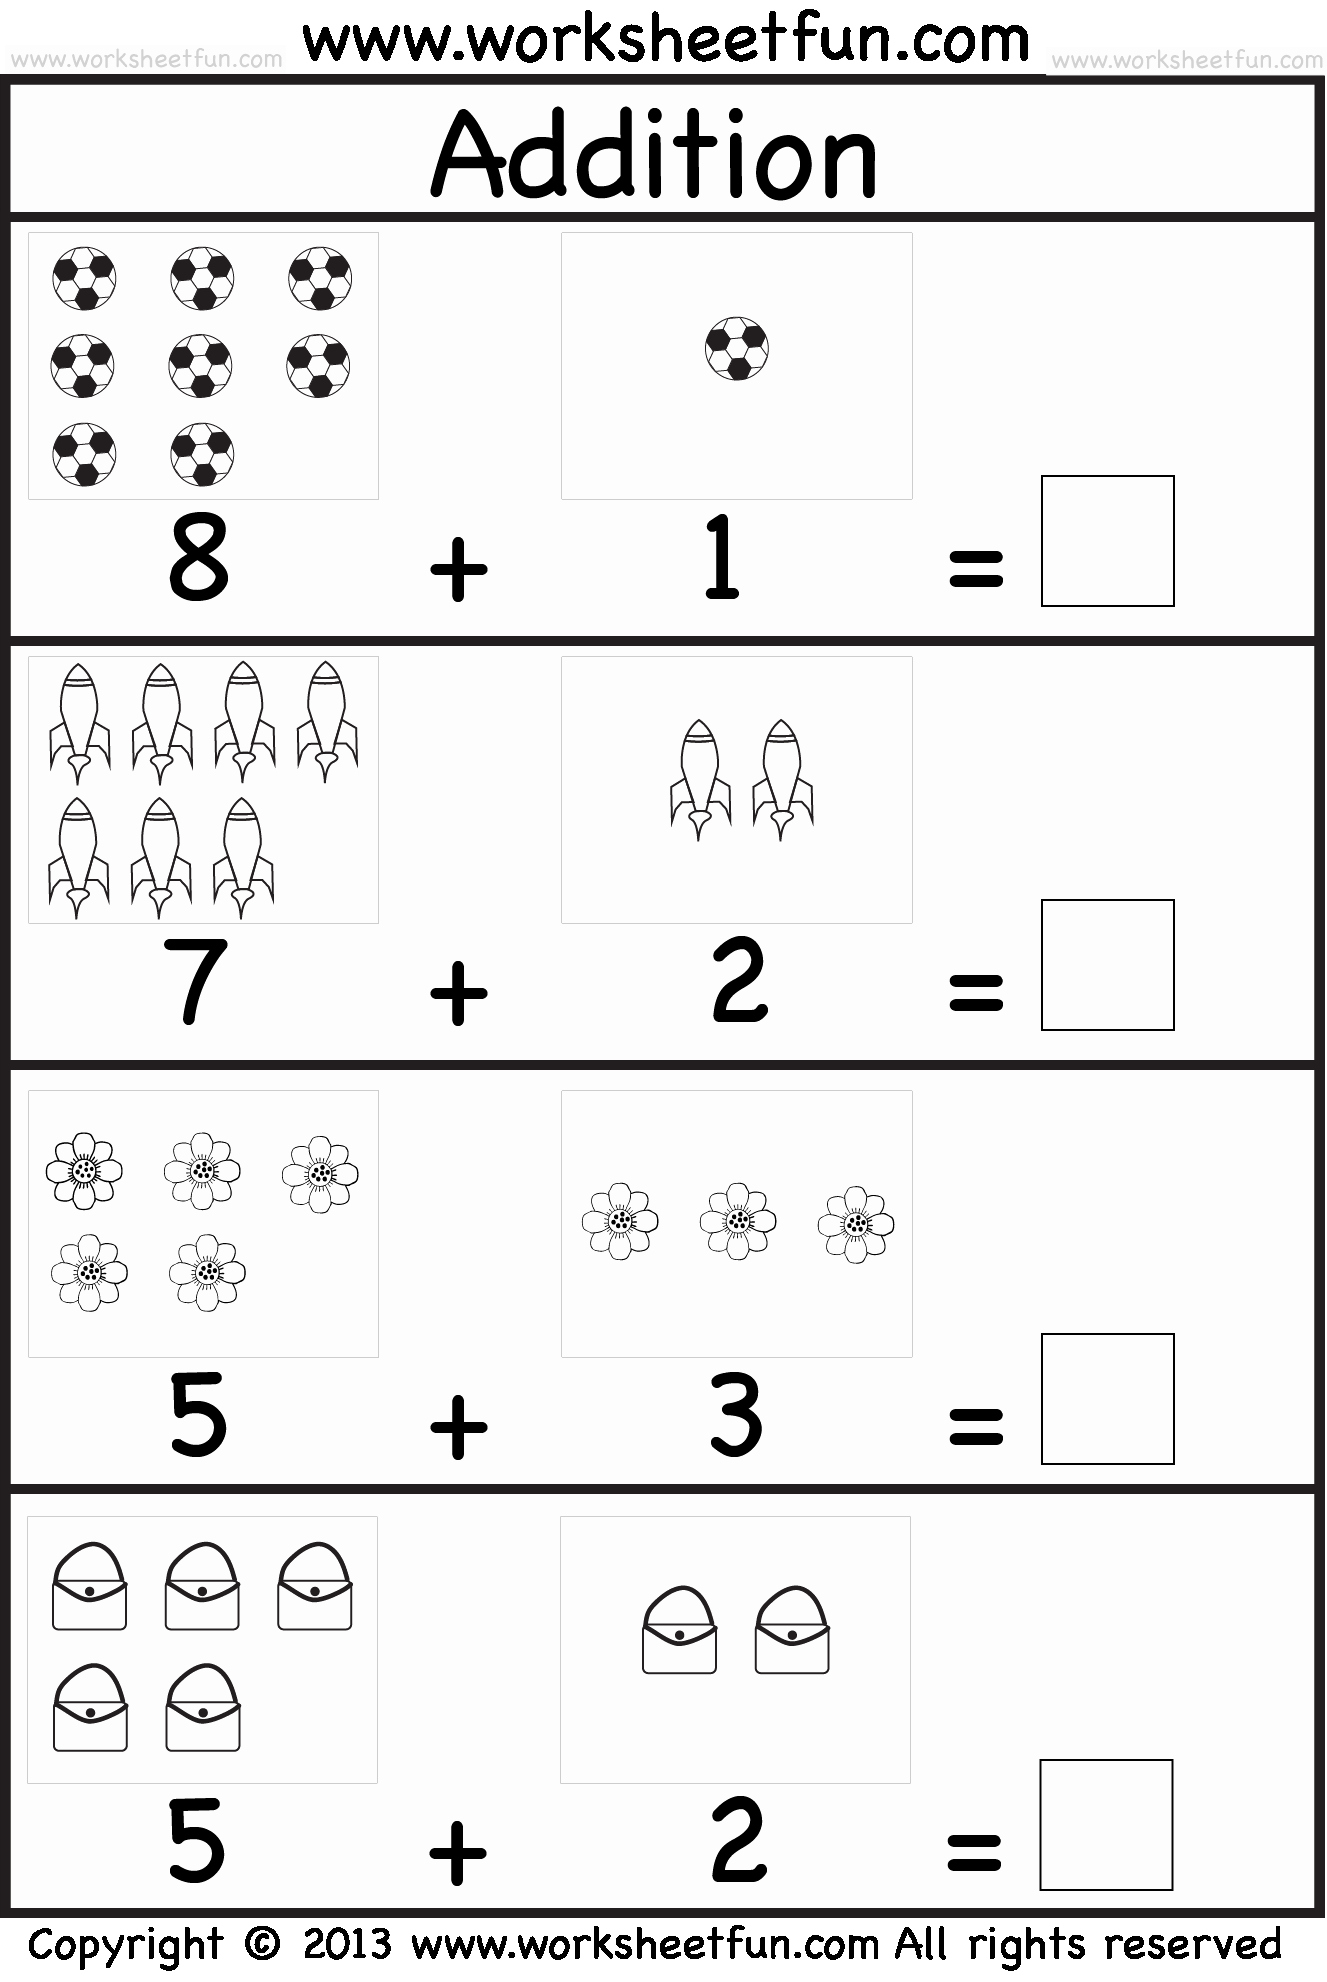 Simple Addition Worksheets for Kindergarten New Picture Addition – Beginner Addition – Kindergarten